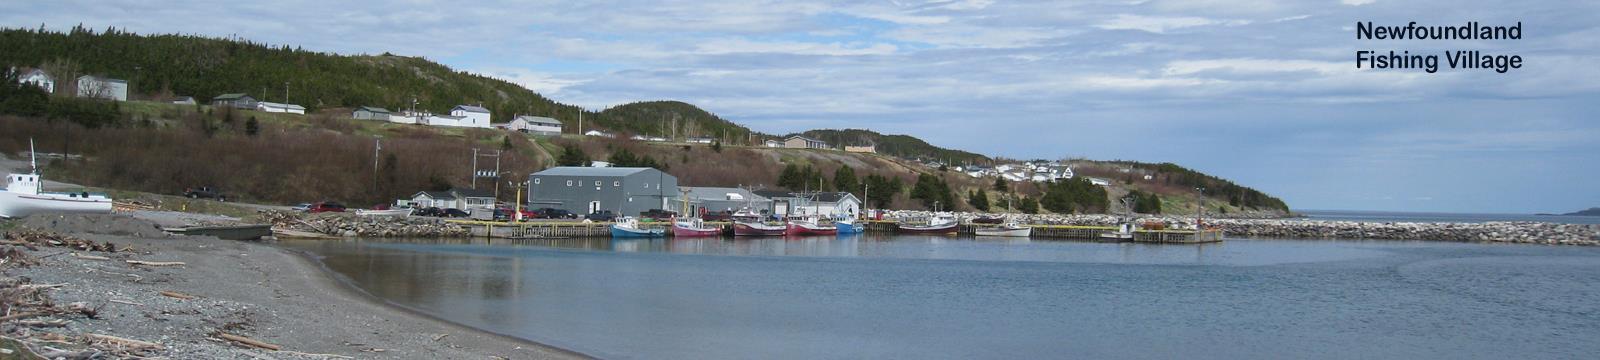 Newfoundland Fishing Village